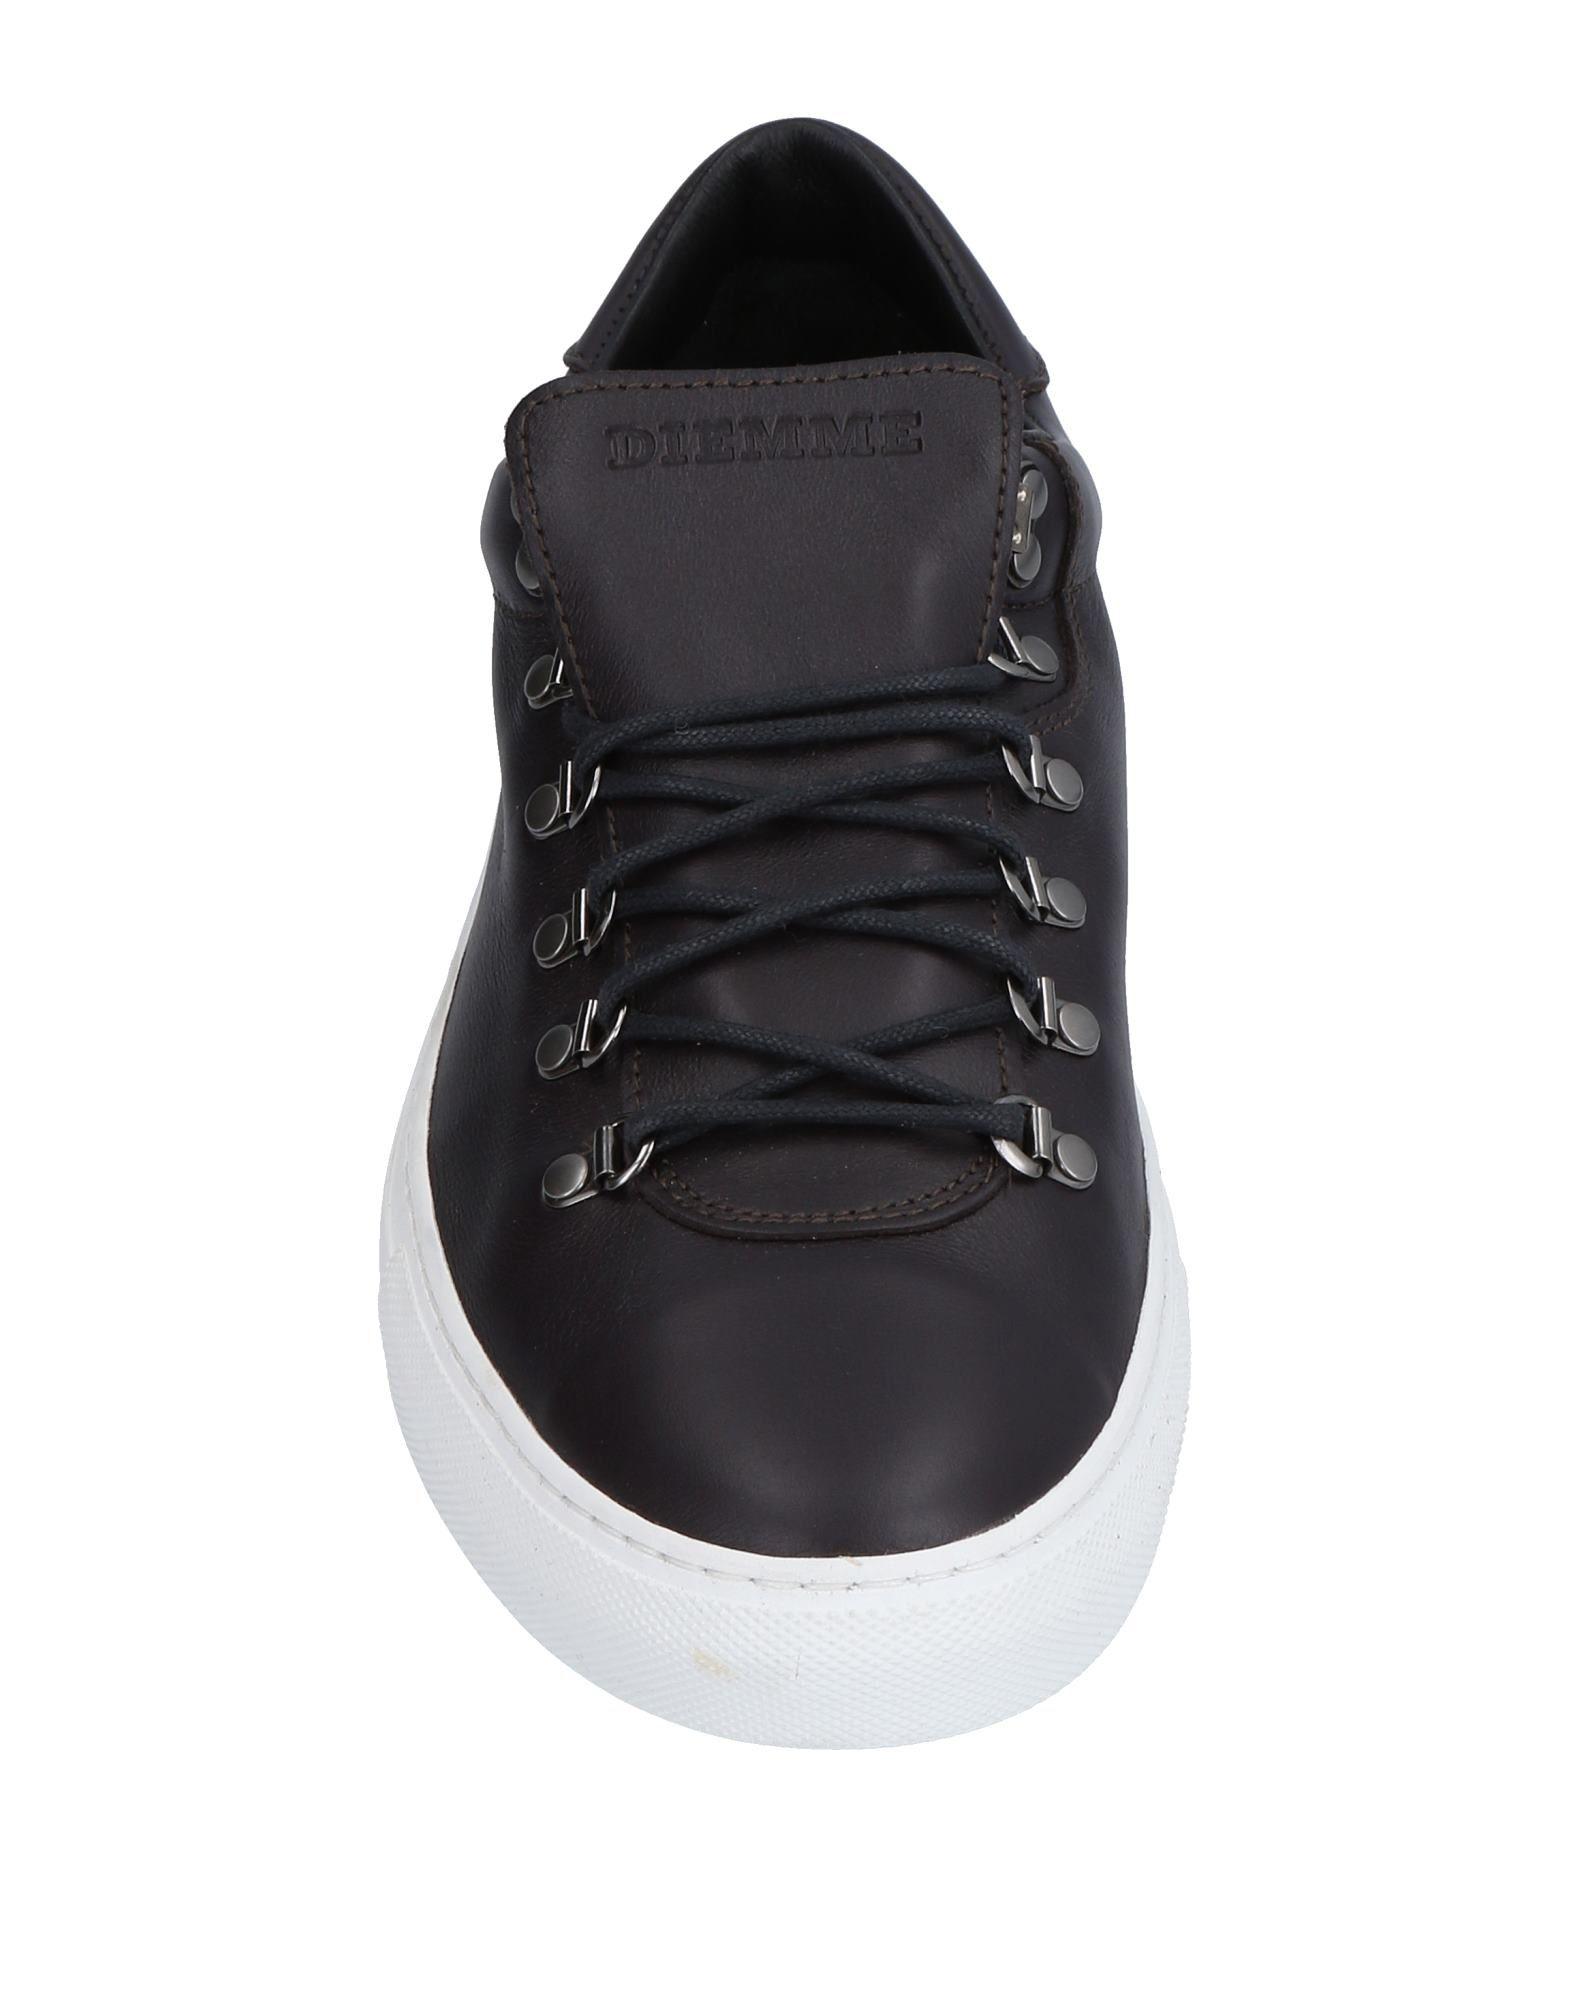 Diemme Sneakers Herren Herren Sneakers  11507433TU 7c4433